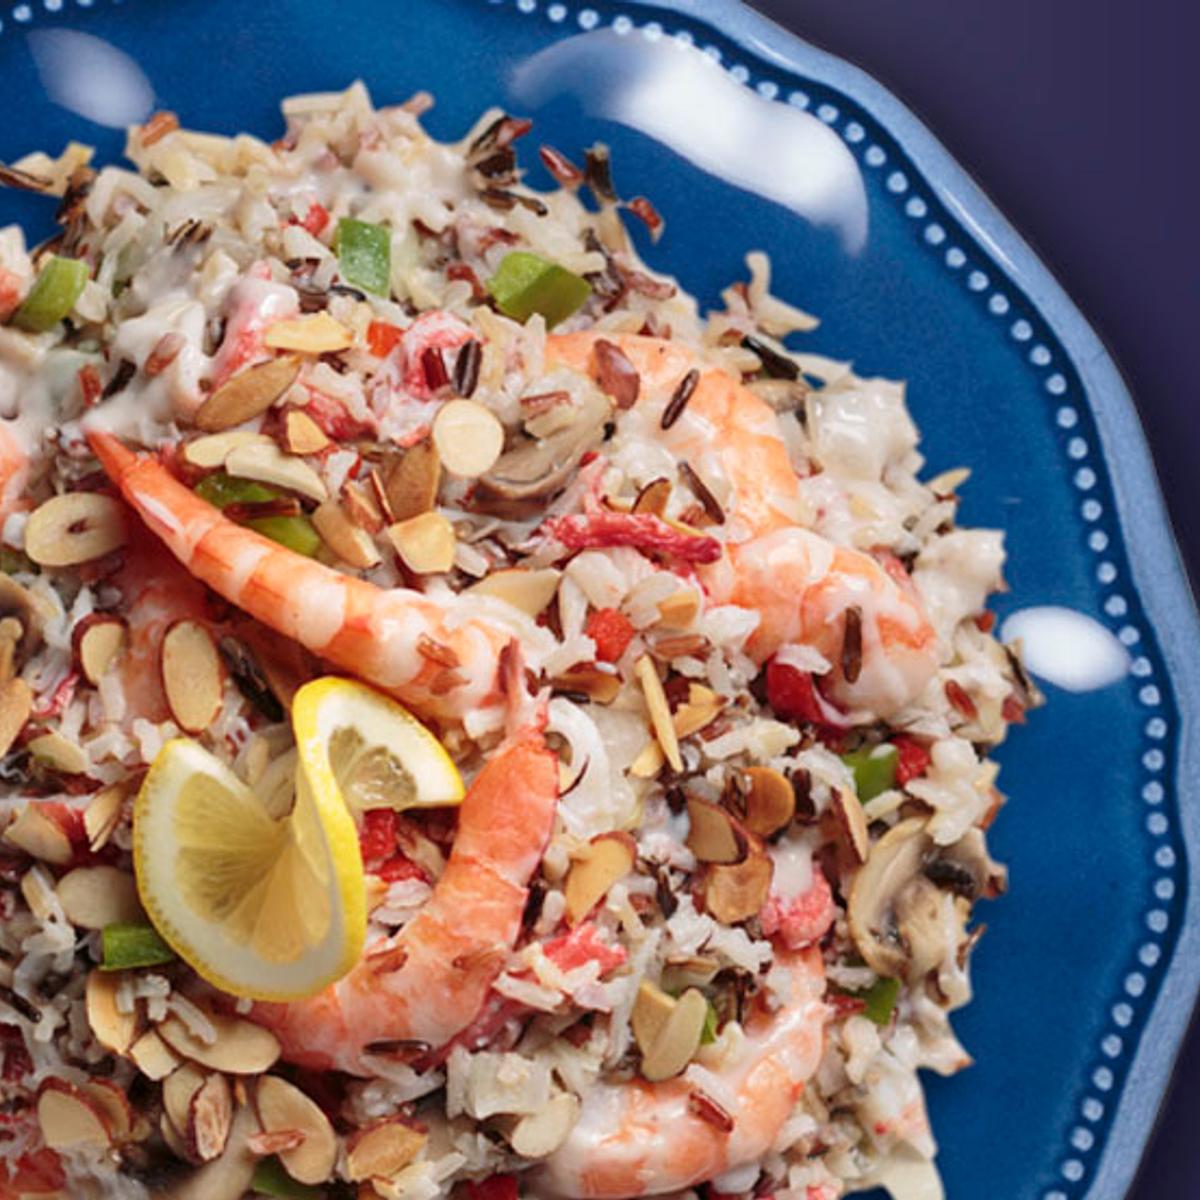 Royal Seafood Bake Recipe